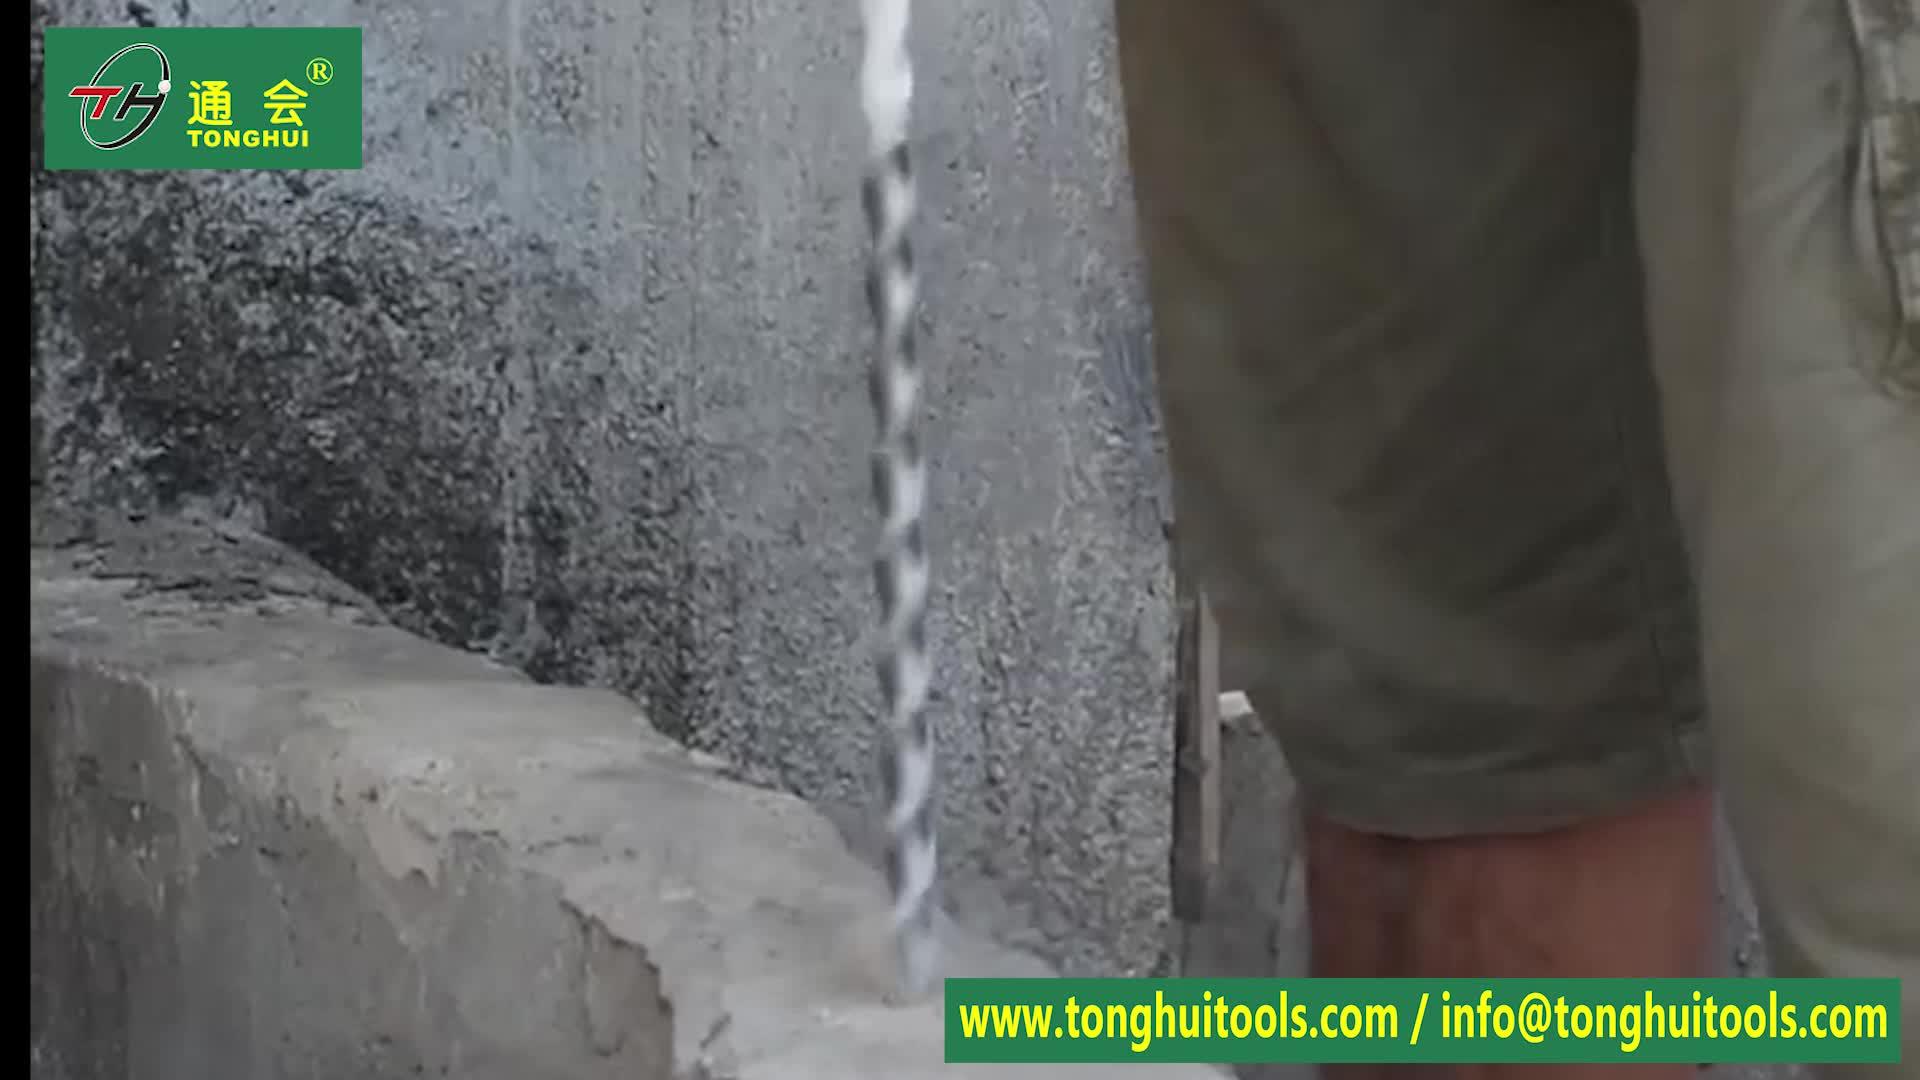 Tay Công Cụ SDS Cộng Với Max Tungsten Carbide Điện Hammer Khoan Bit cho Bê Tông và Vữa